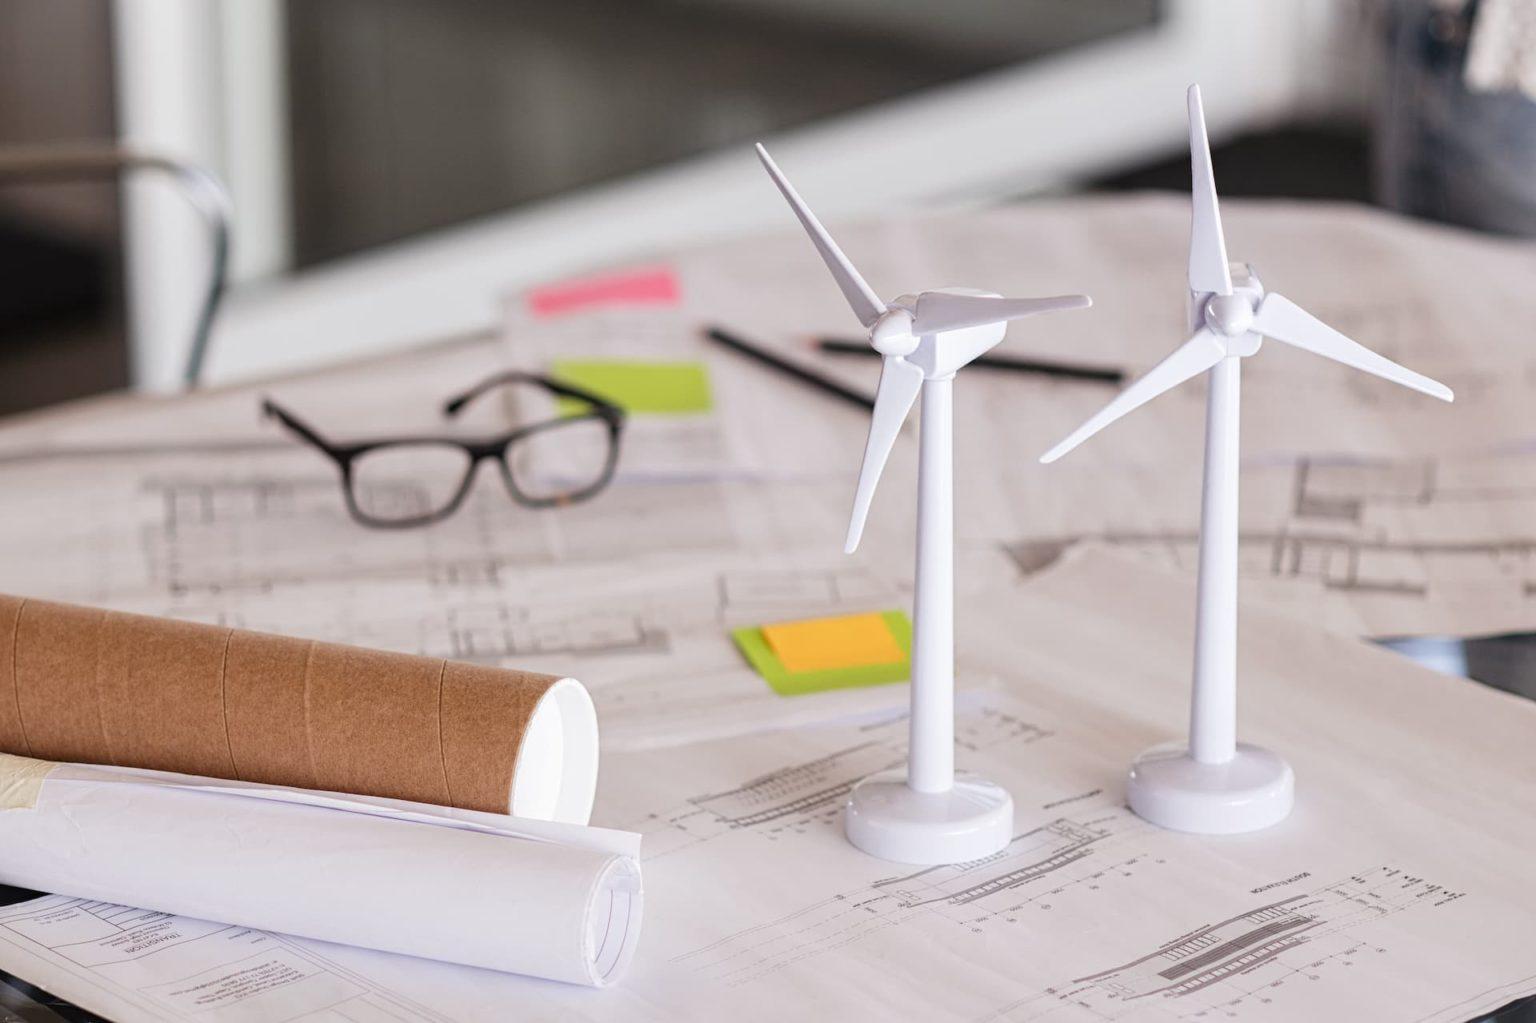 APE (Attestato di Prestazione Energetica) per accedere all'Ecobonus 110%